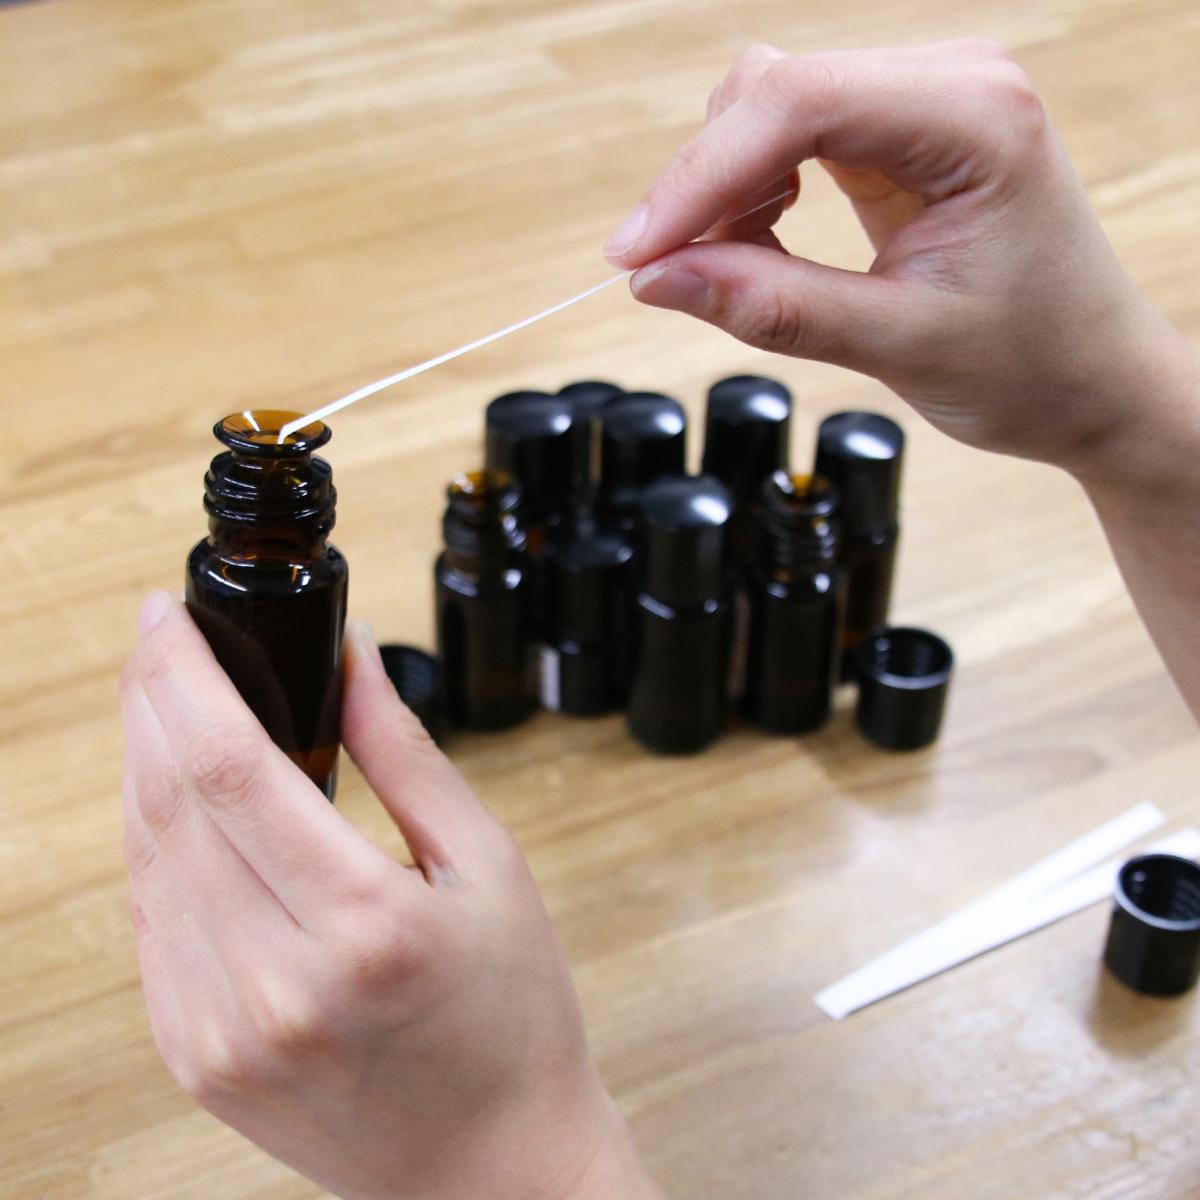 ◆香りを楽しむ虫よけスプレーの新しい2種類の香りとは?◆